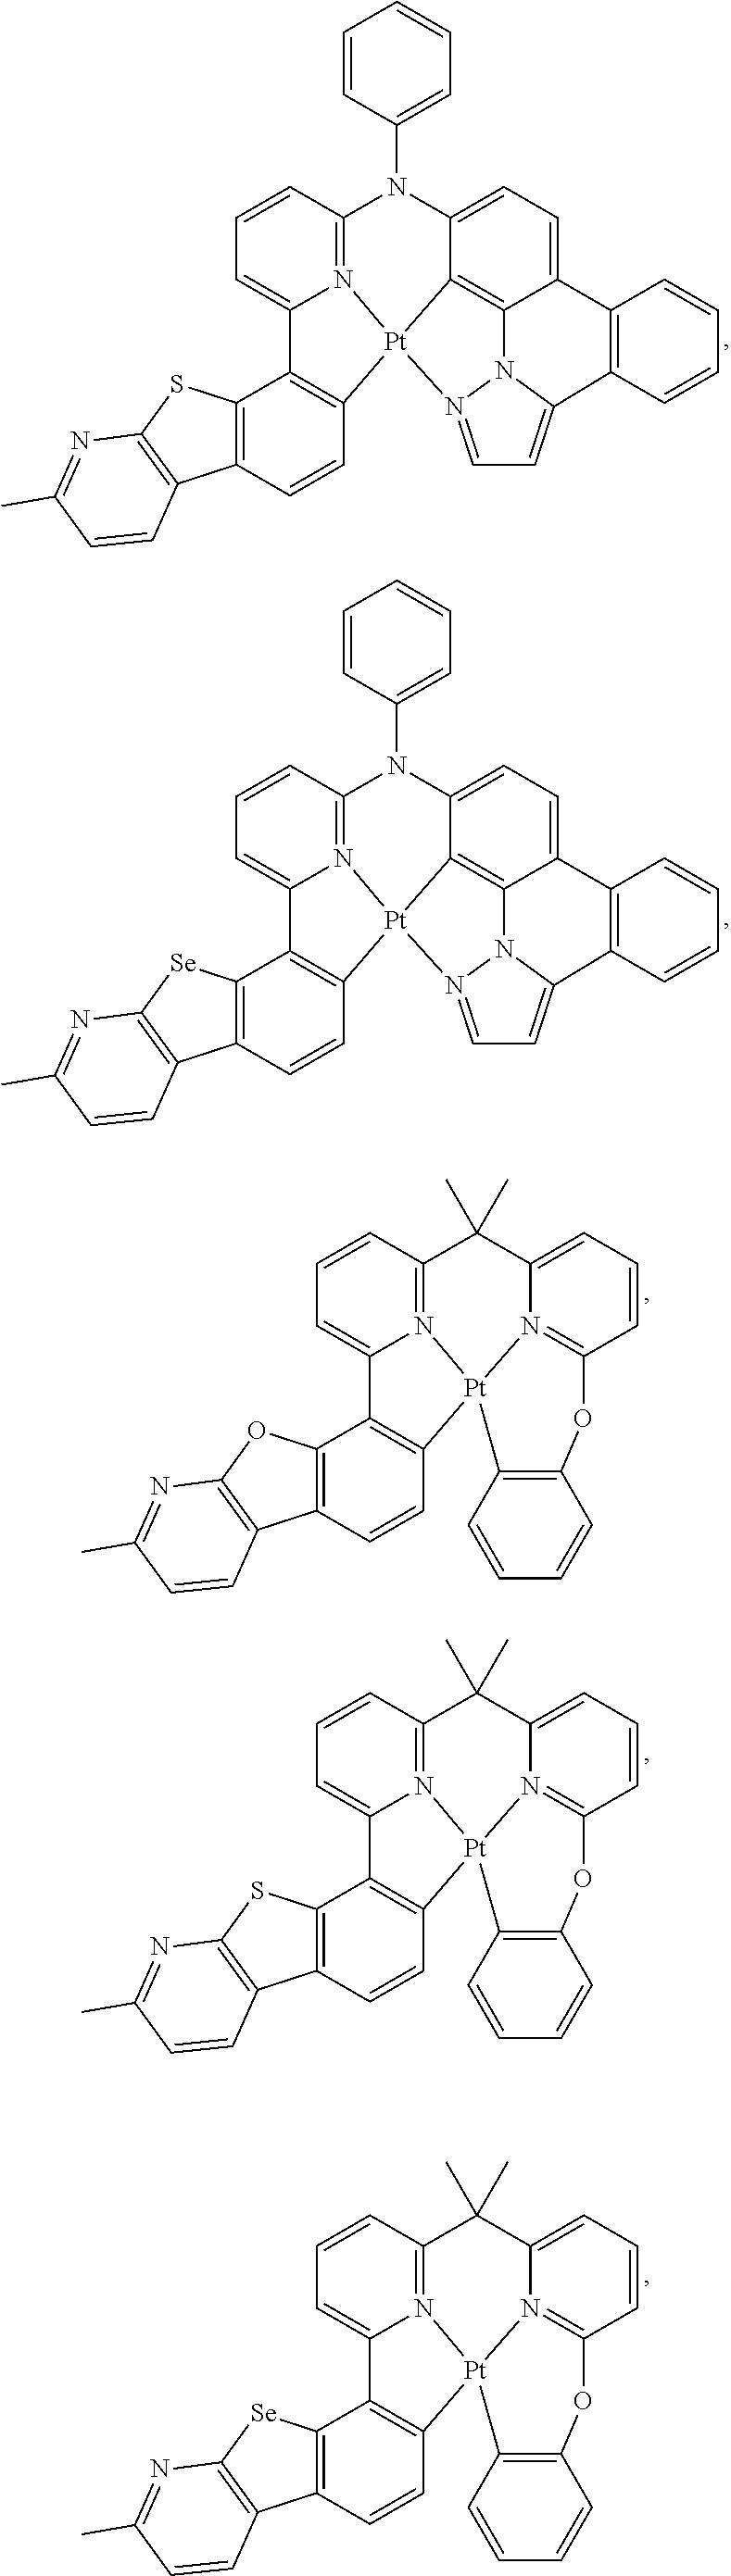 Figure US09871214-20180116-C00034